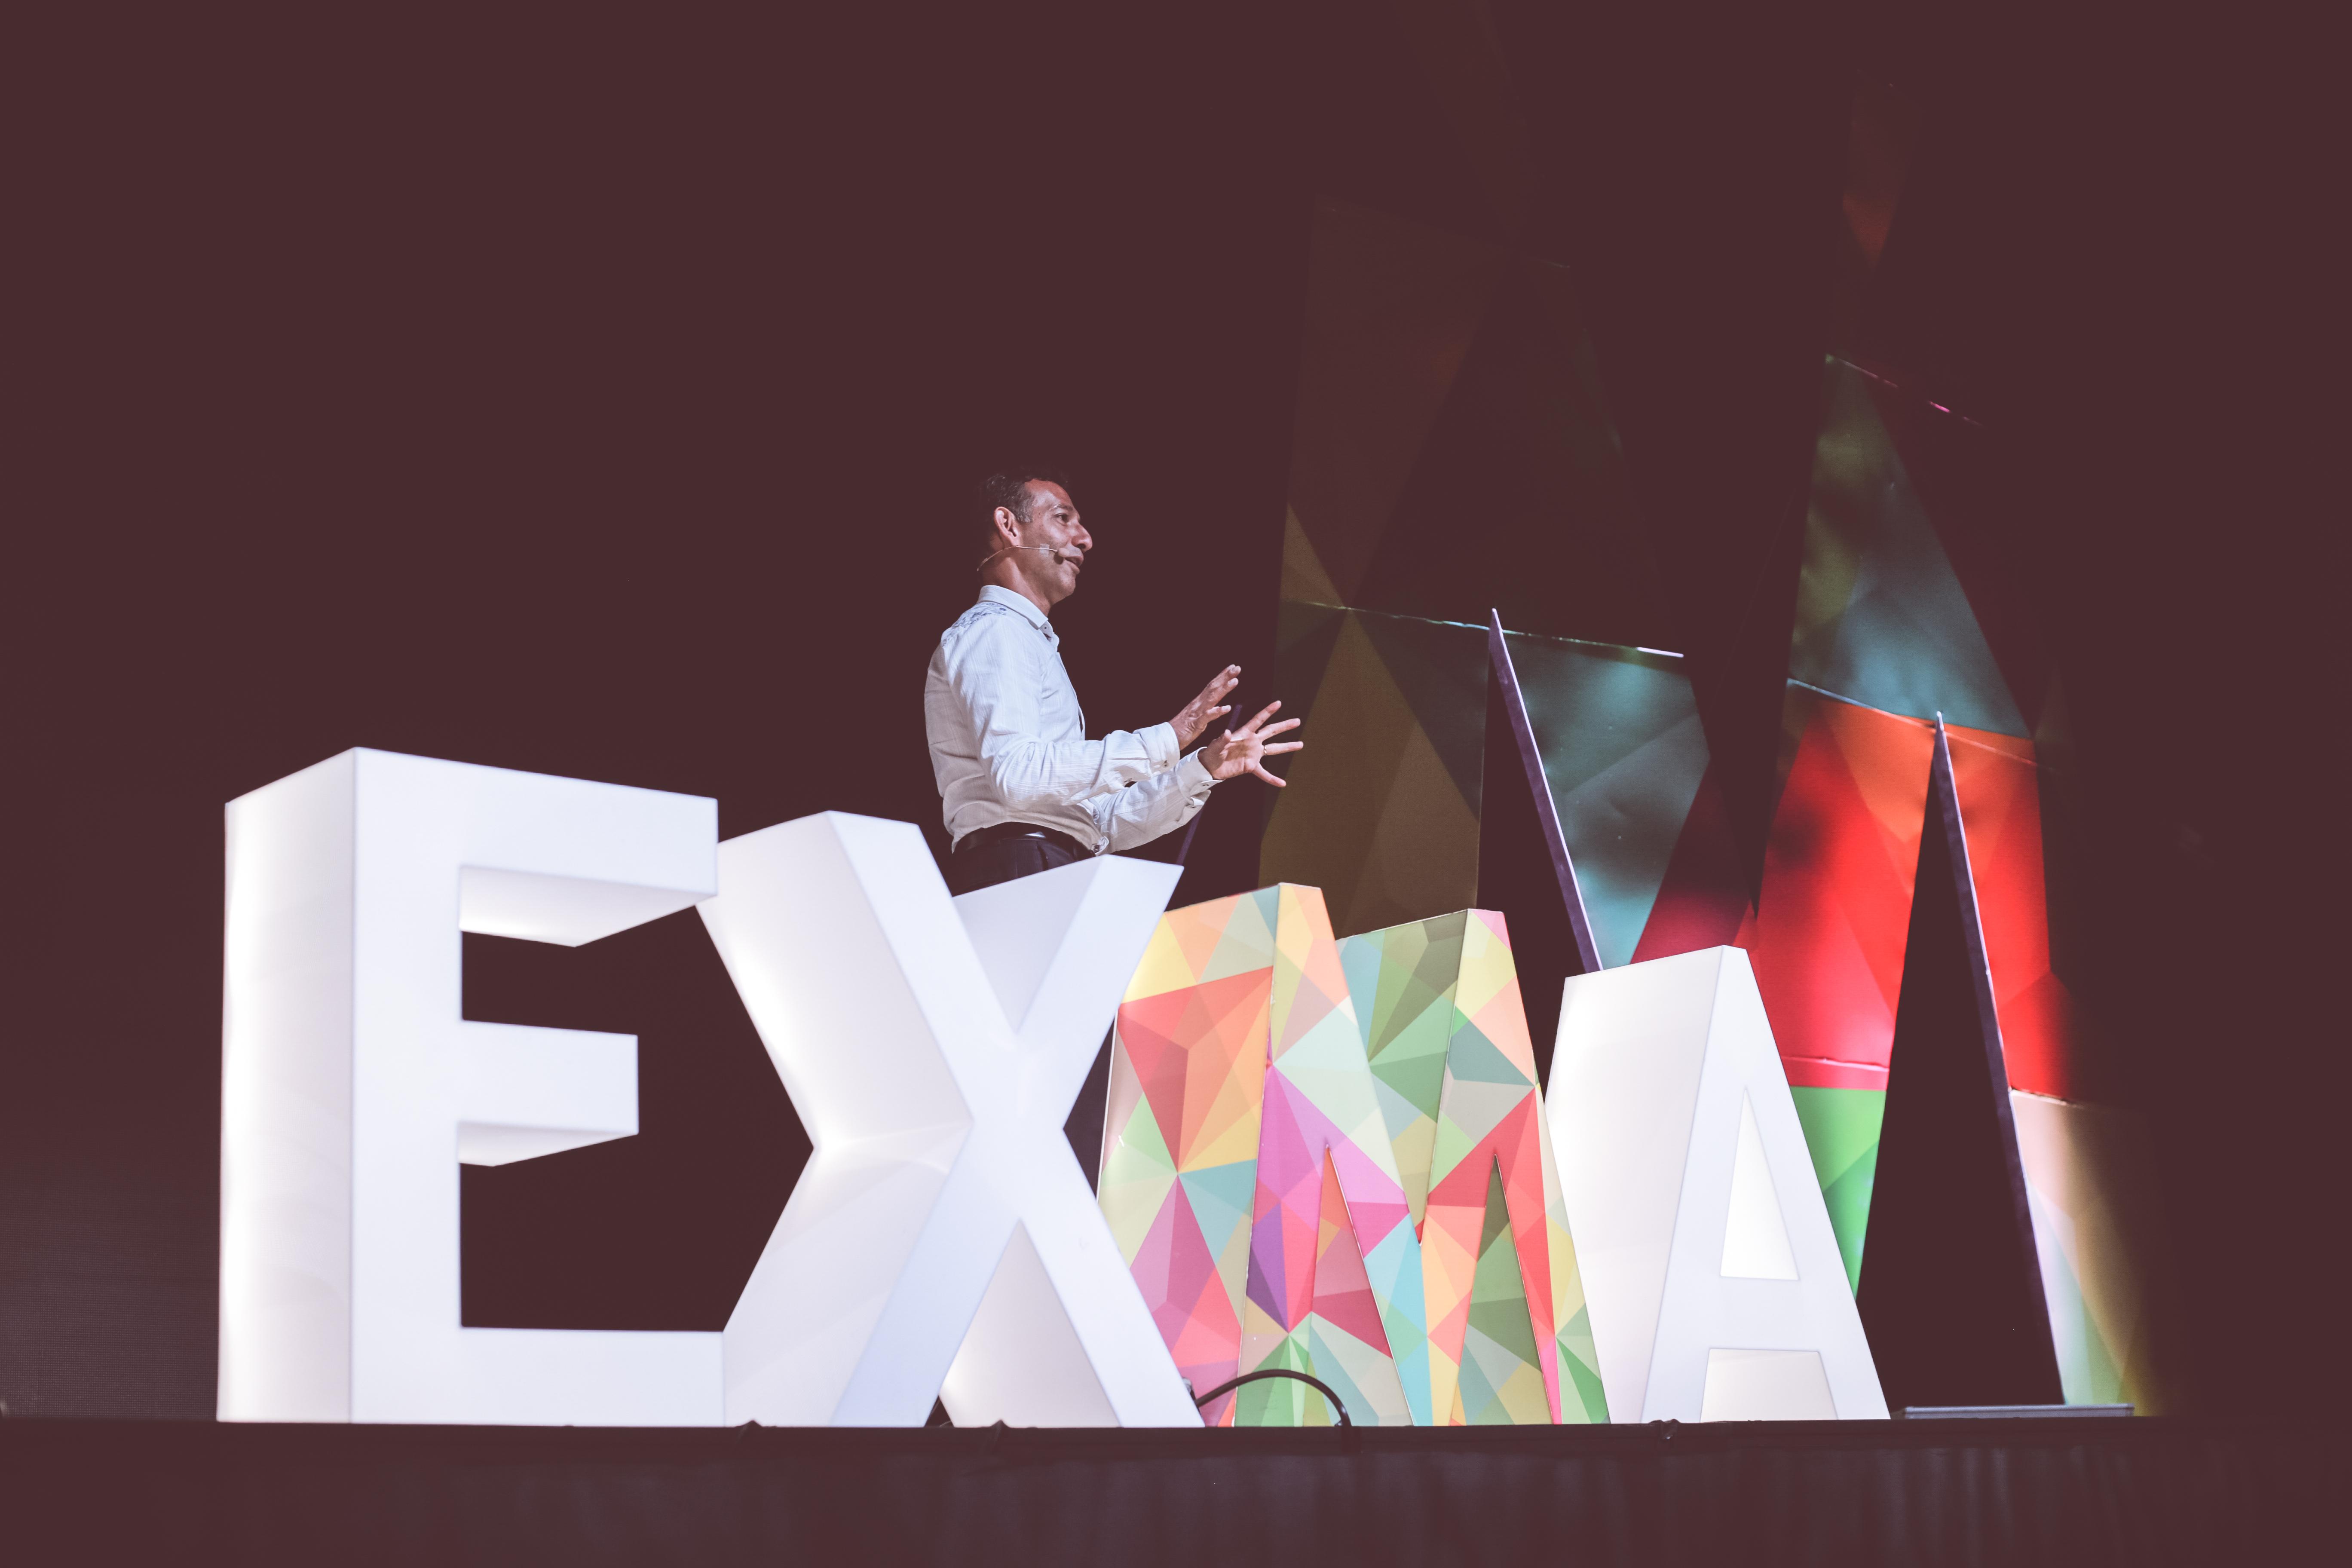 EXMA 2018